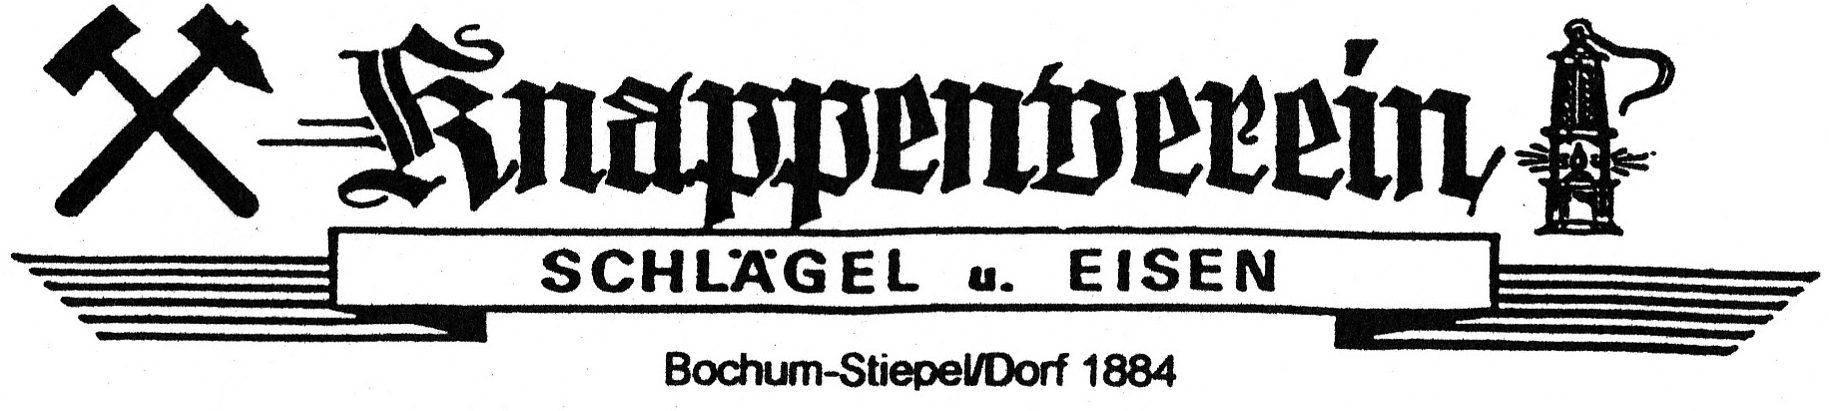 Knappenverein Schlägel u. Eisen